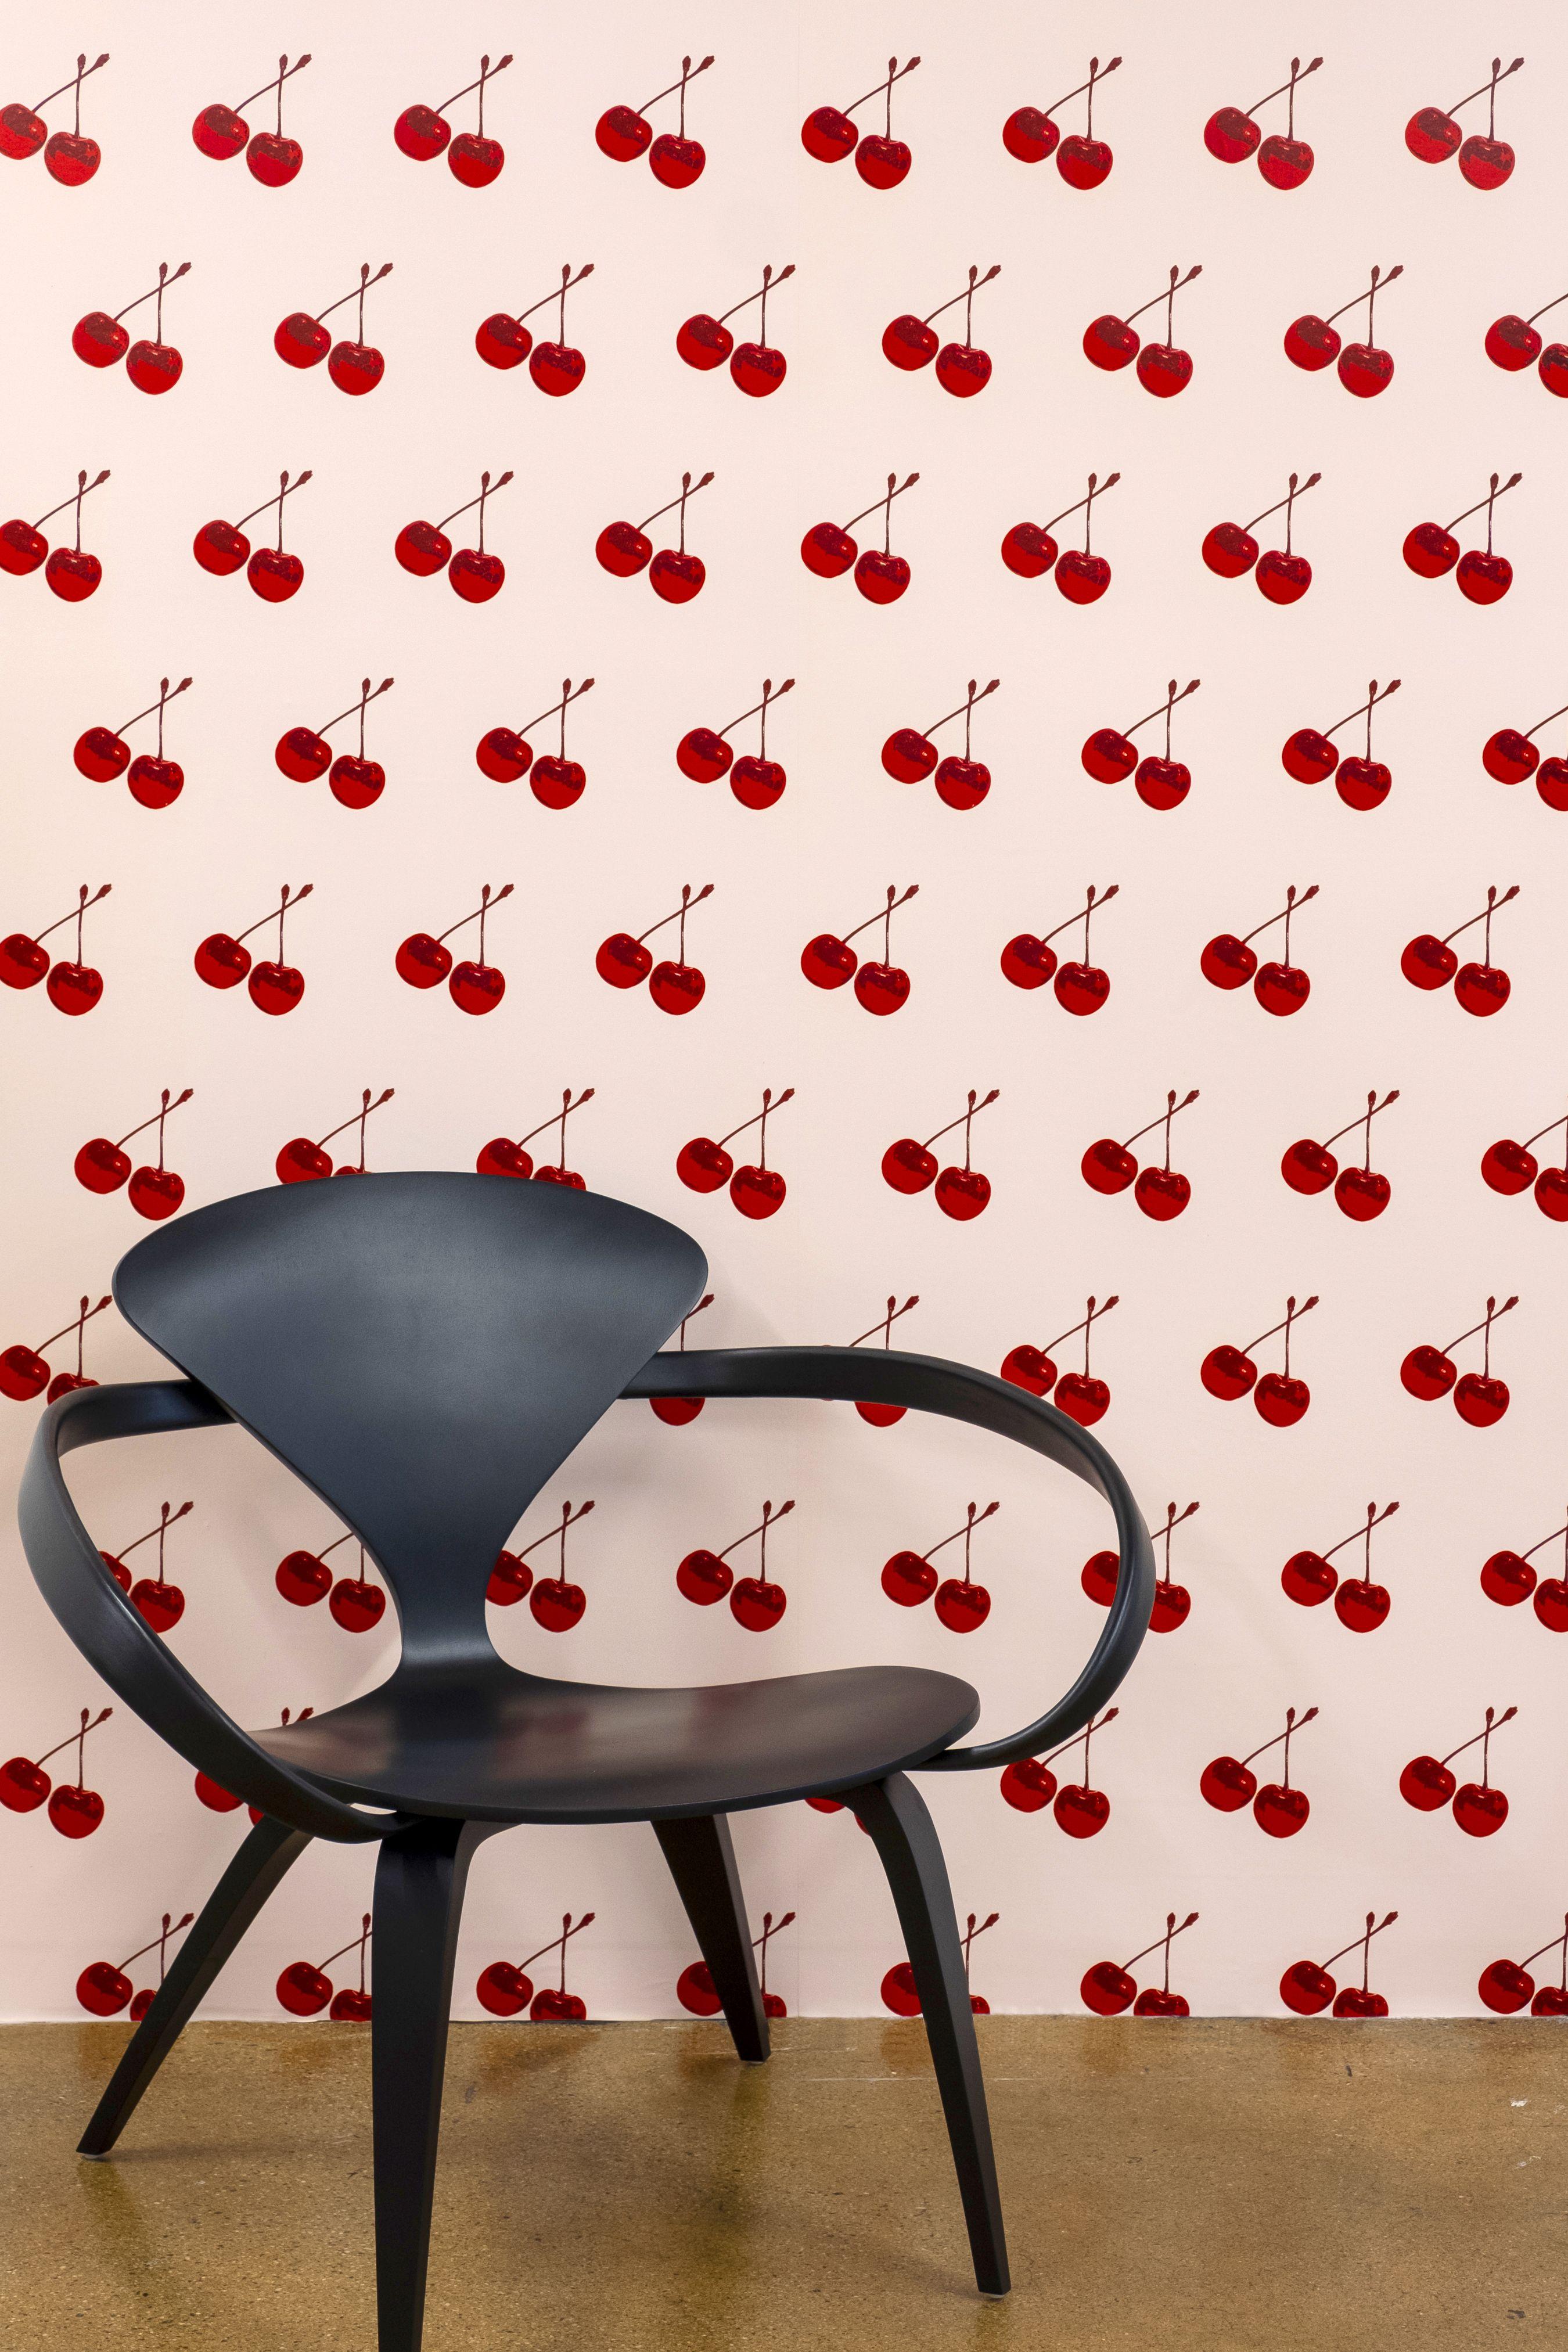 Cherry Forever Pop Art Design Wallpaper